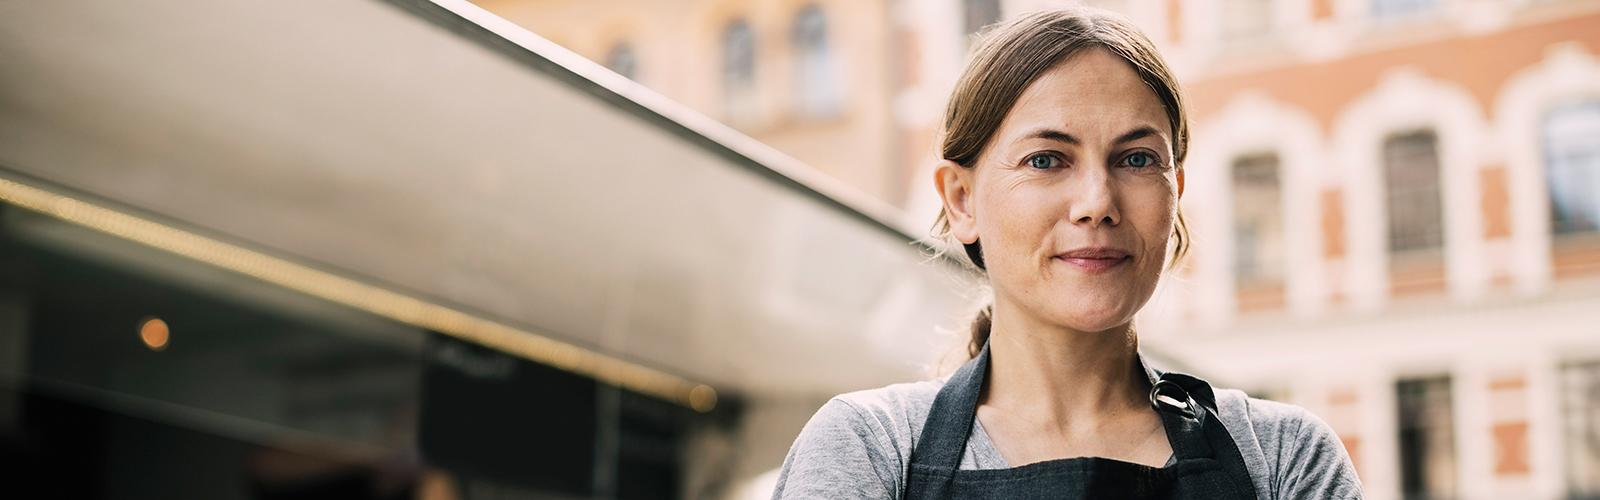 Bilde forfra av selvsikker kvinnelig kokk som står ved matvogn i by